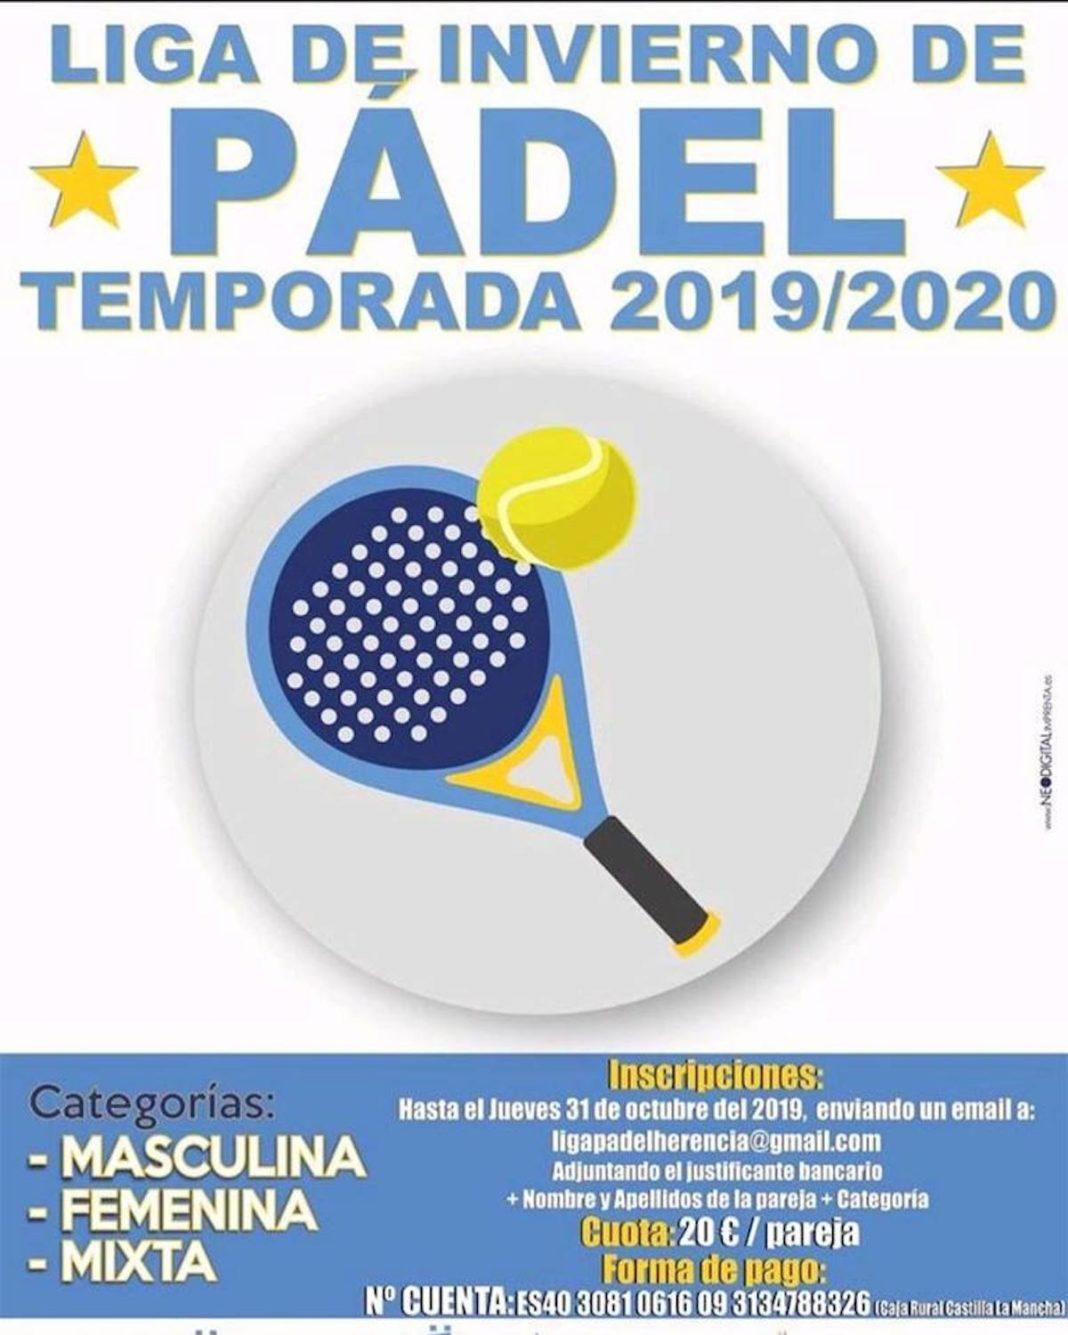 Próxima Liga de invierno de Pádel para 2019-2020 4